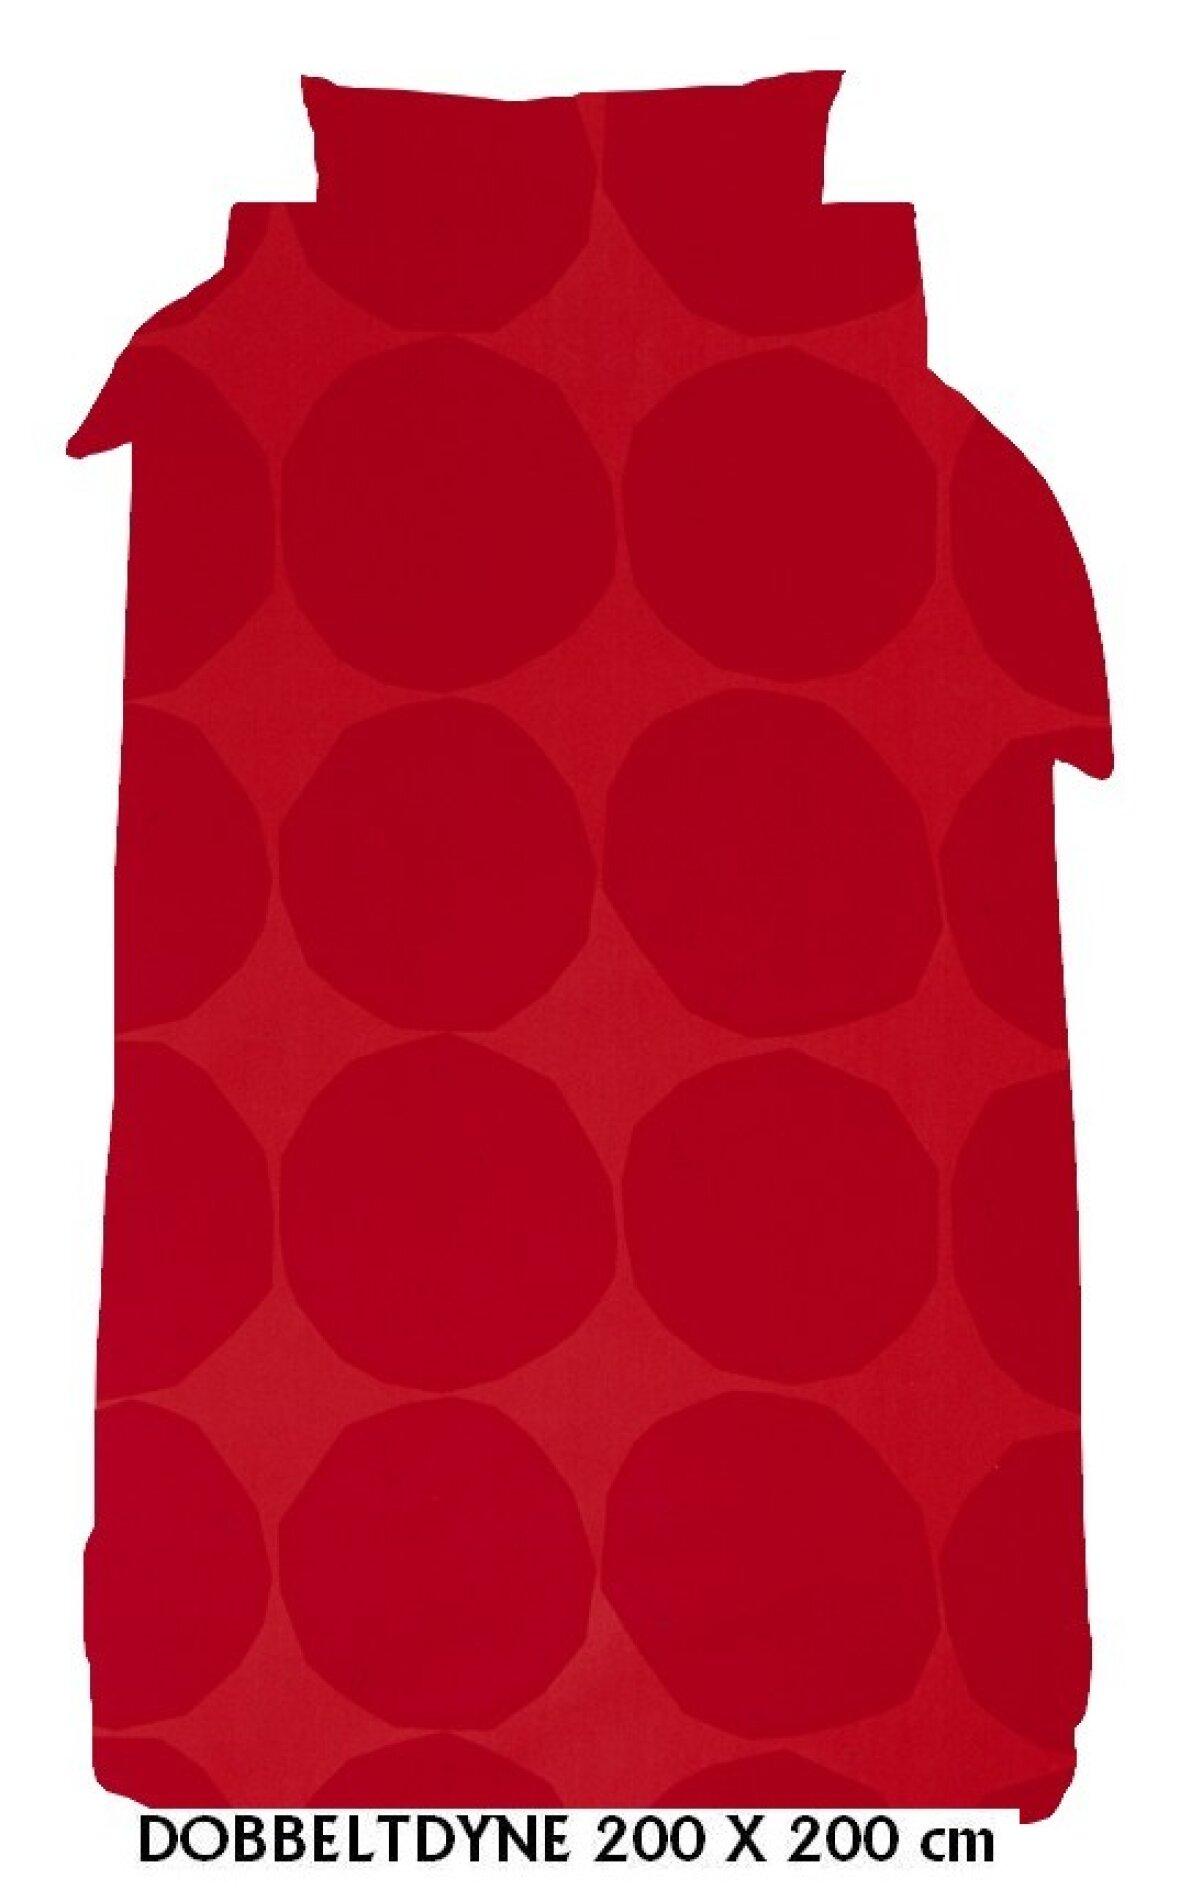 Fabriksnye Sengesæt - dobbeltdyne - Dobbeltdyne - Kivet 200x200 rød-rød fra IB-72